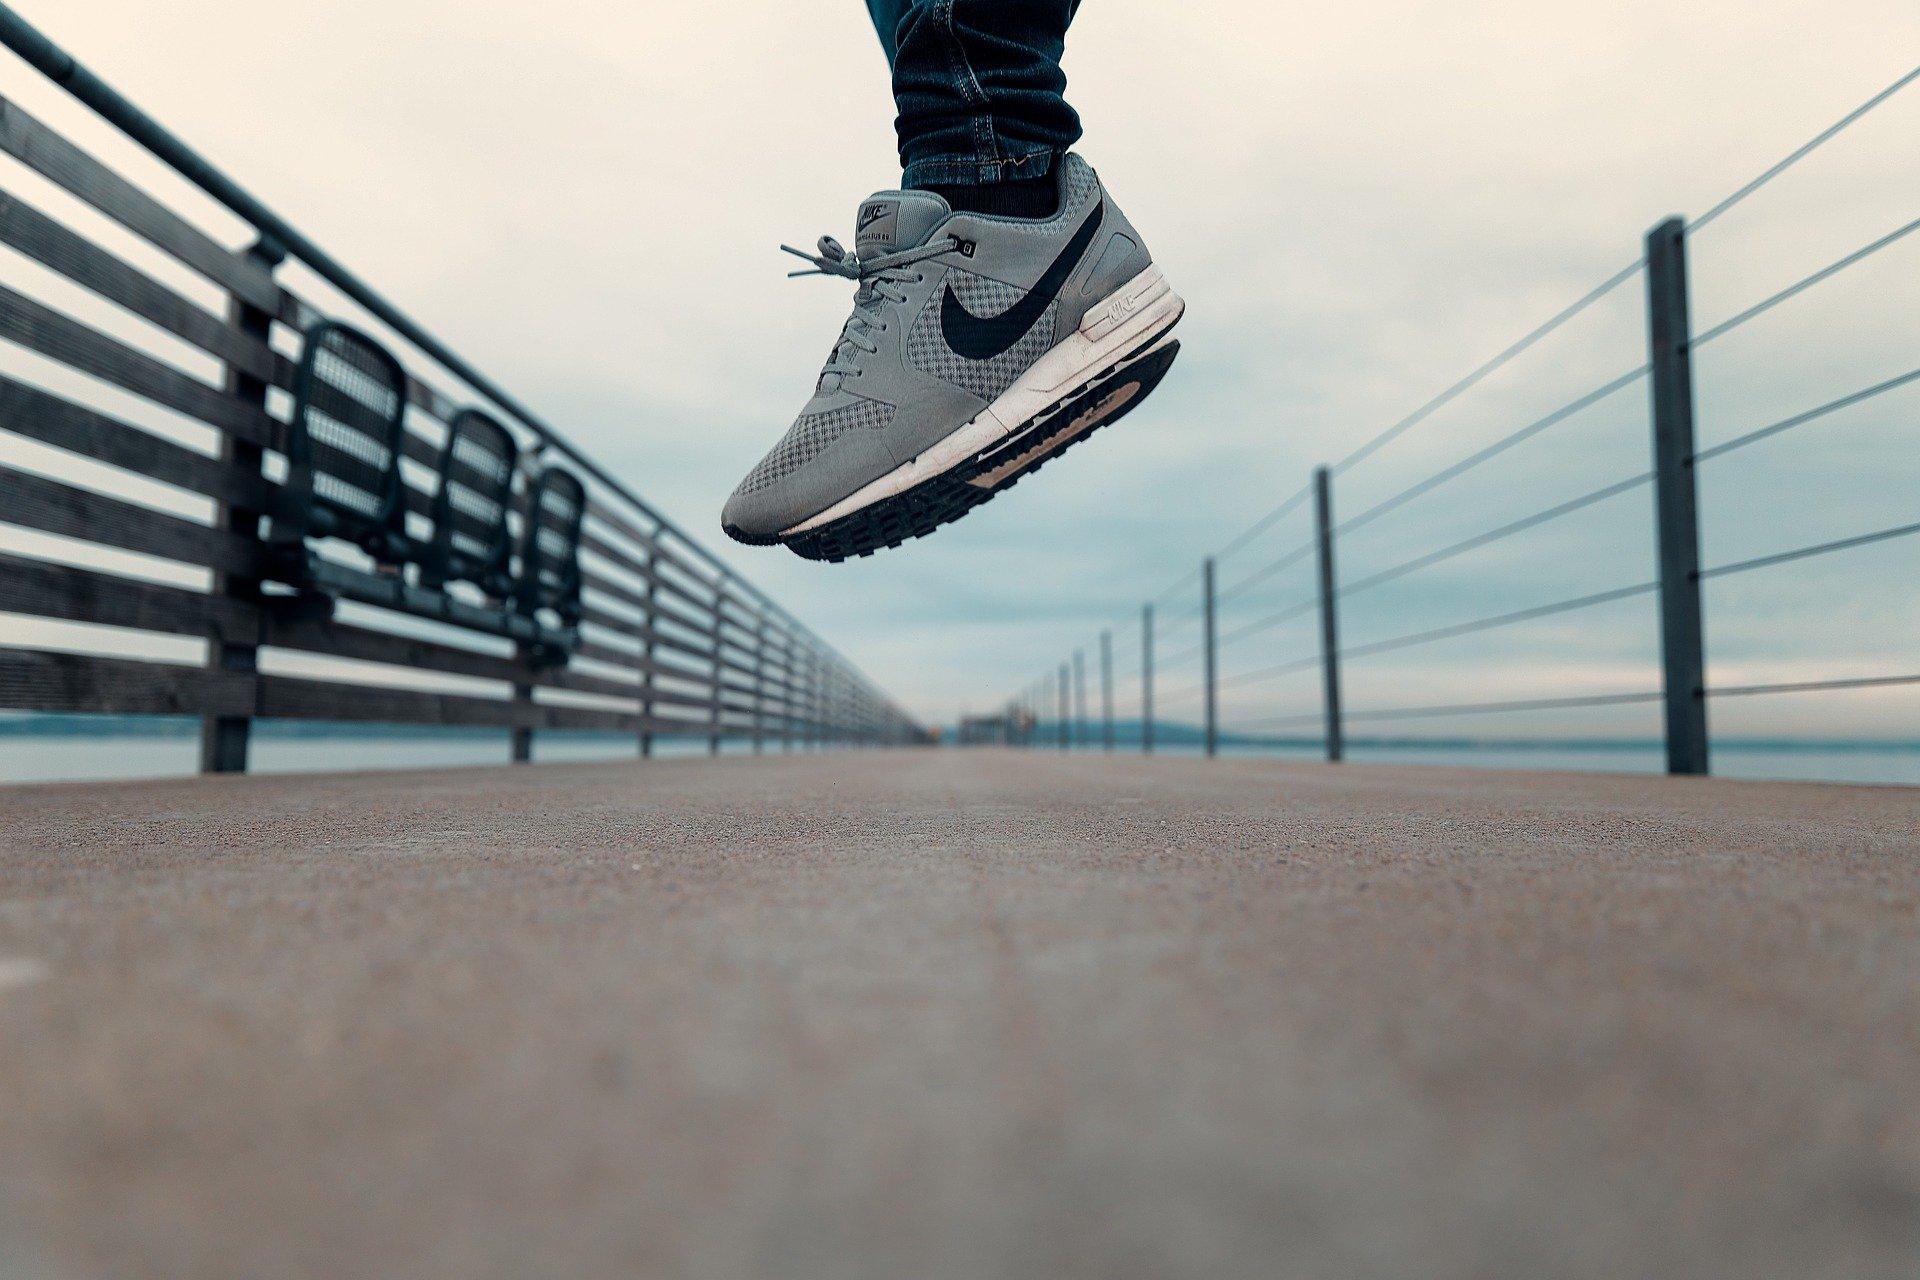 Nike culmina su ERE y traslada la dirección a Holanda